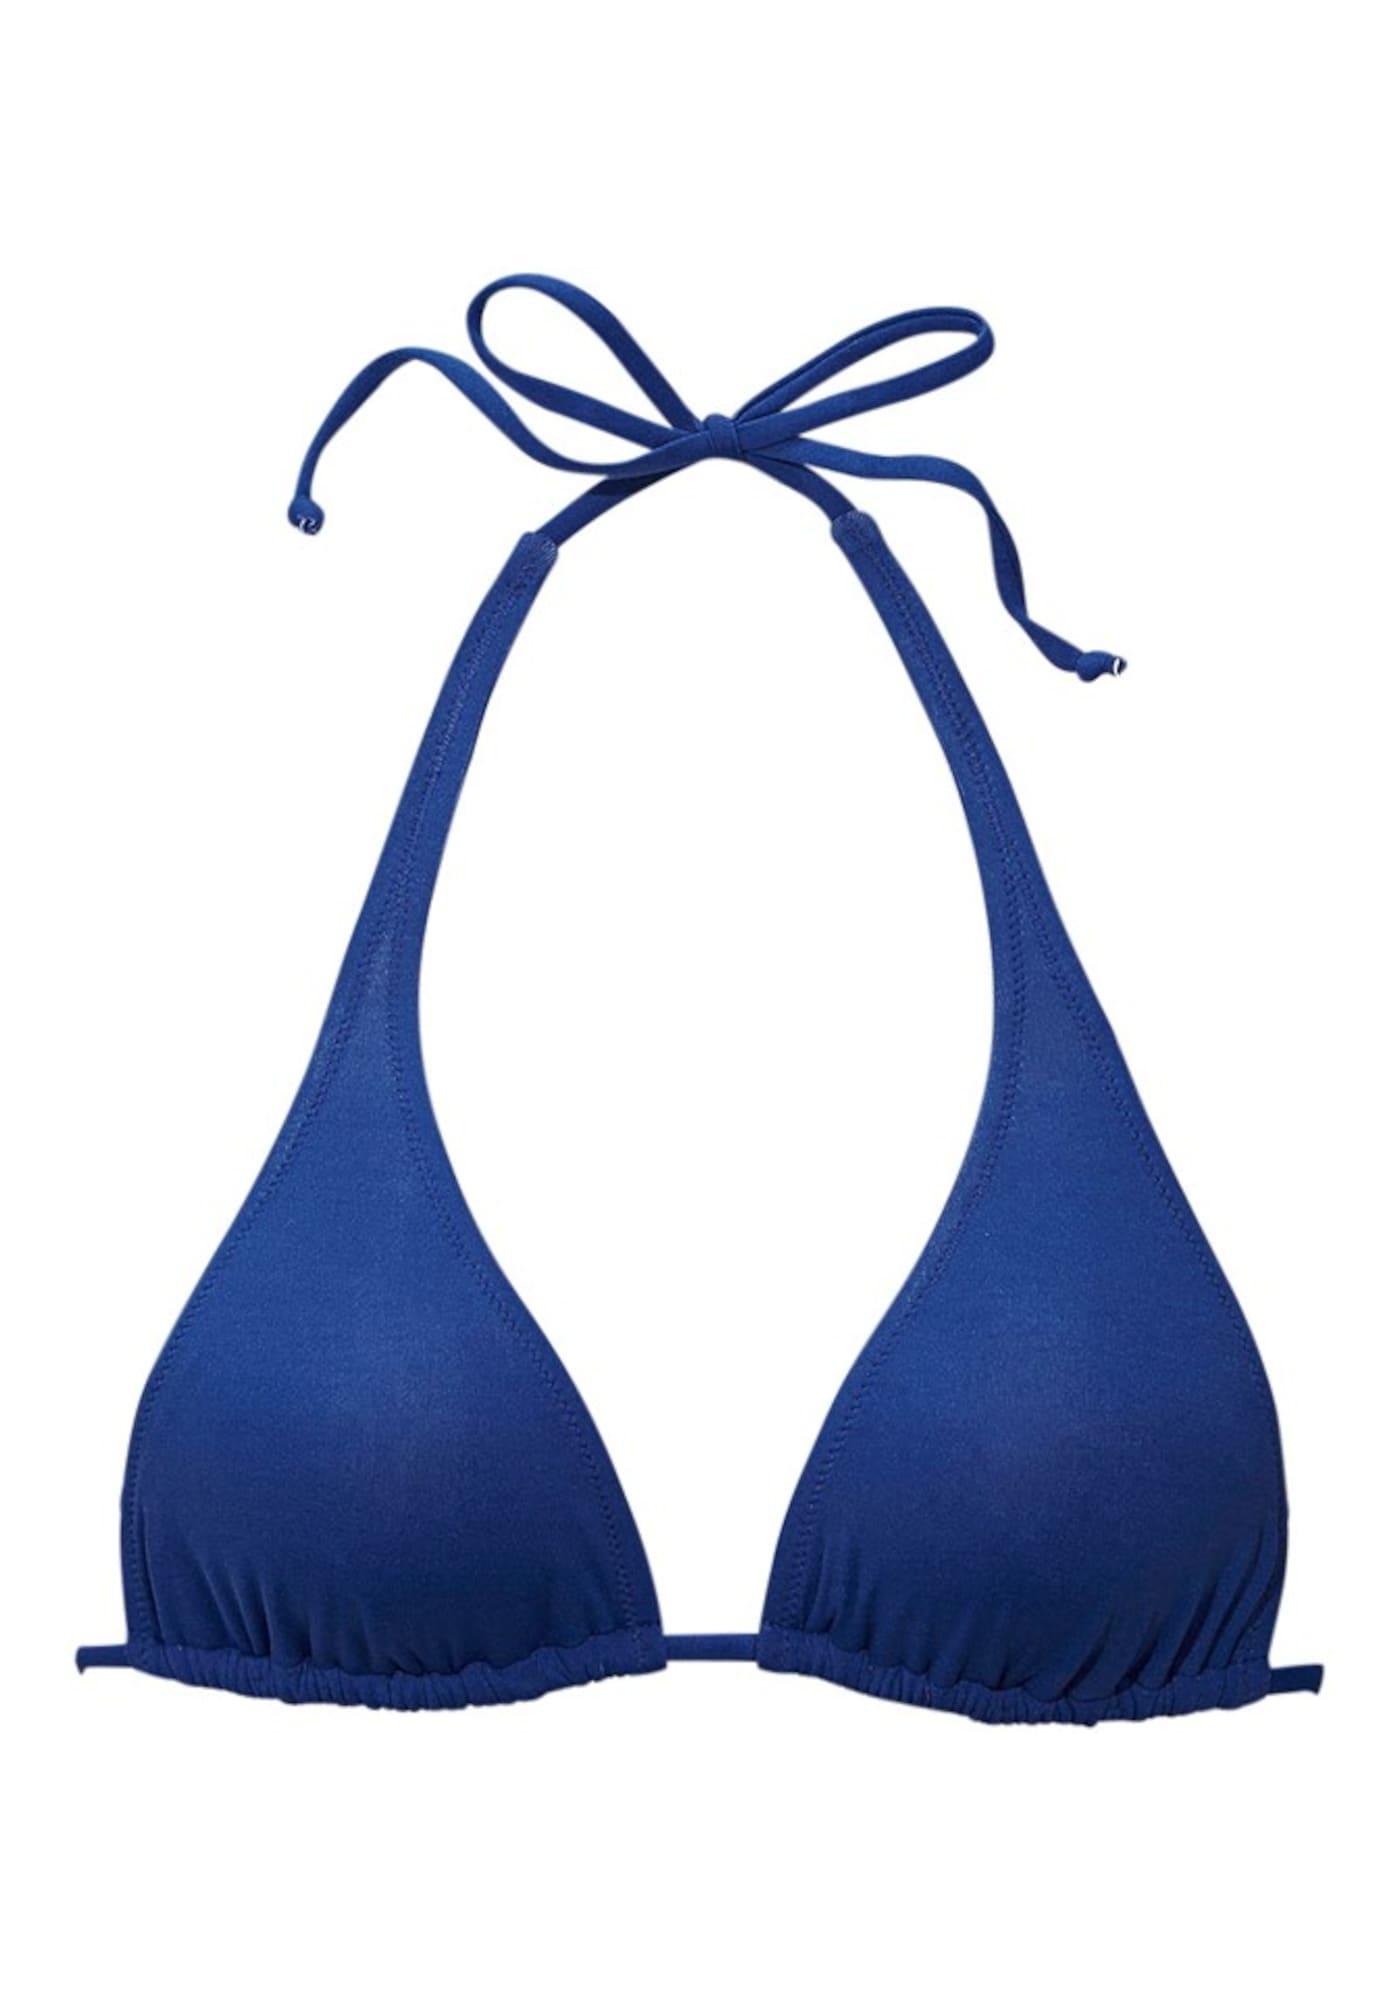 BUFFALO Bikinio viršutinė dalis 'Happy' mėlyna